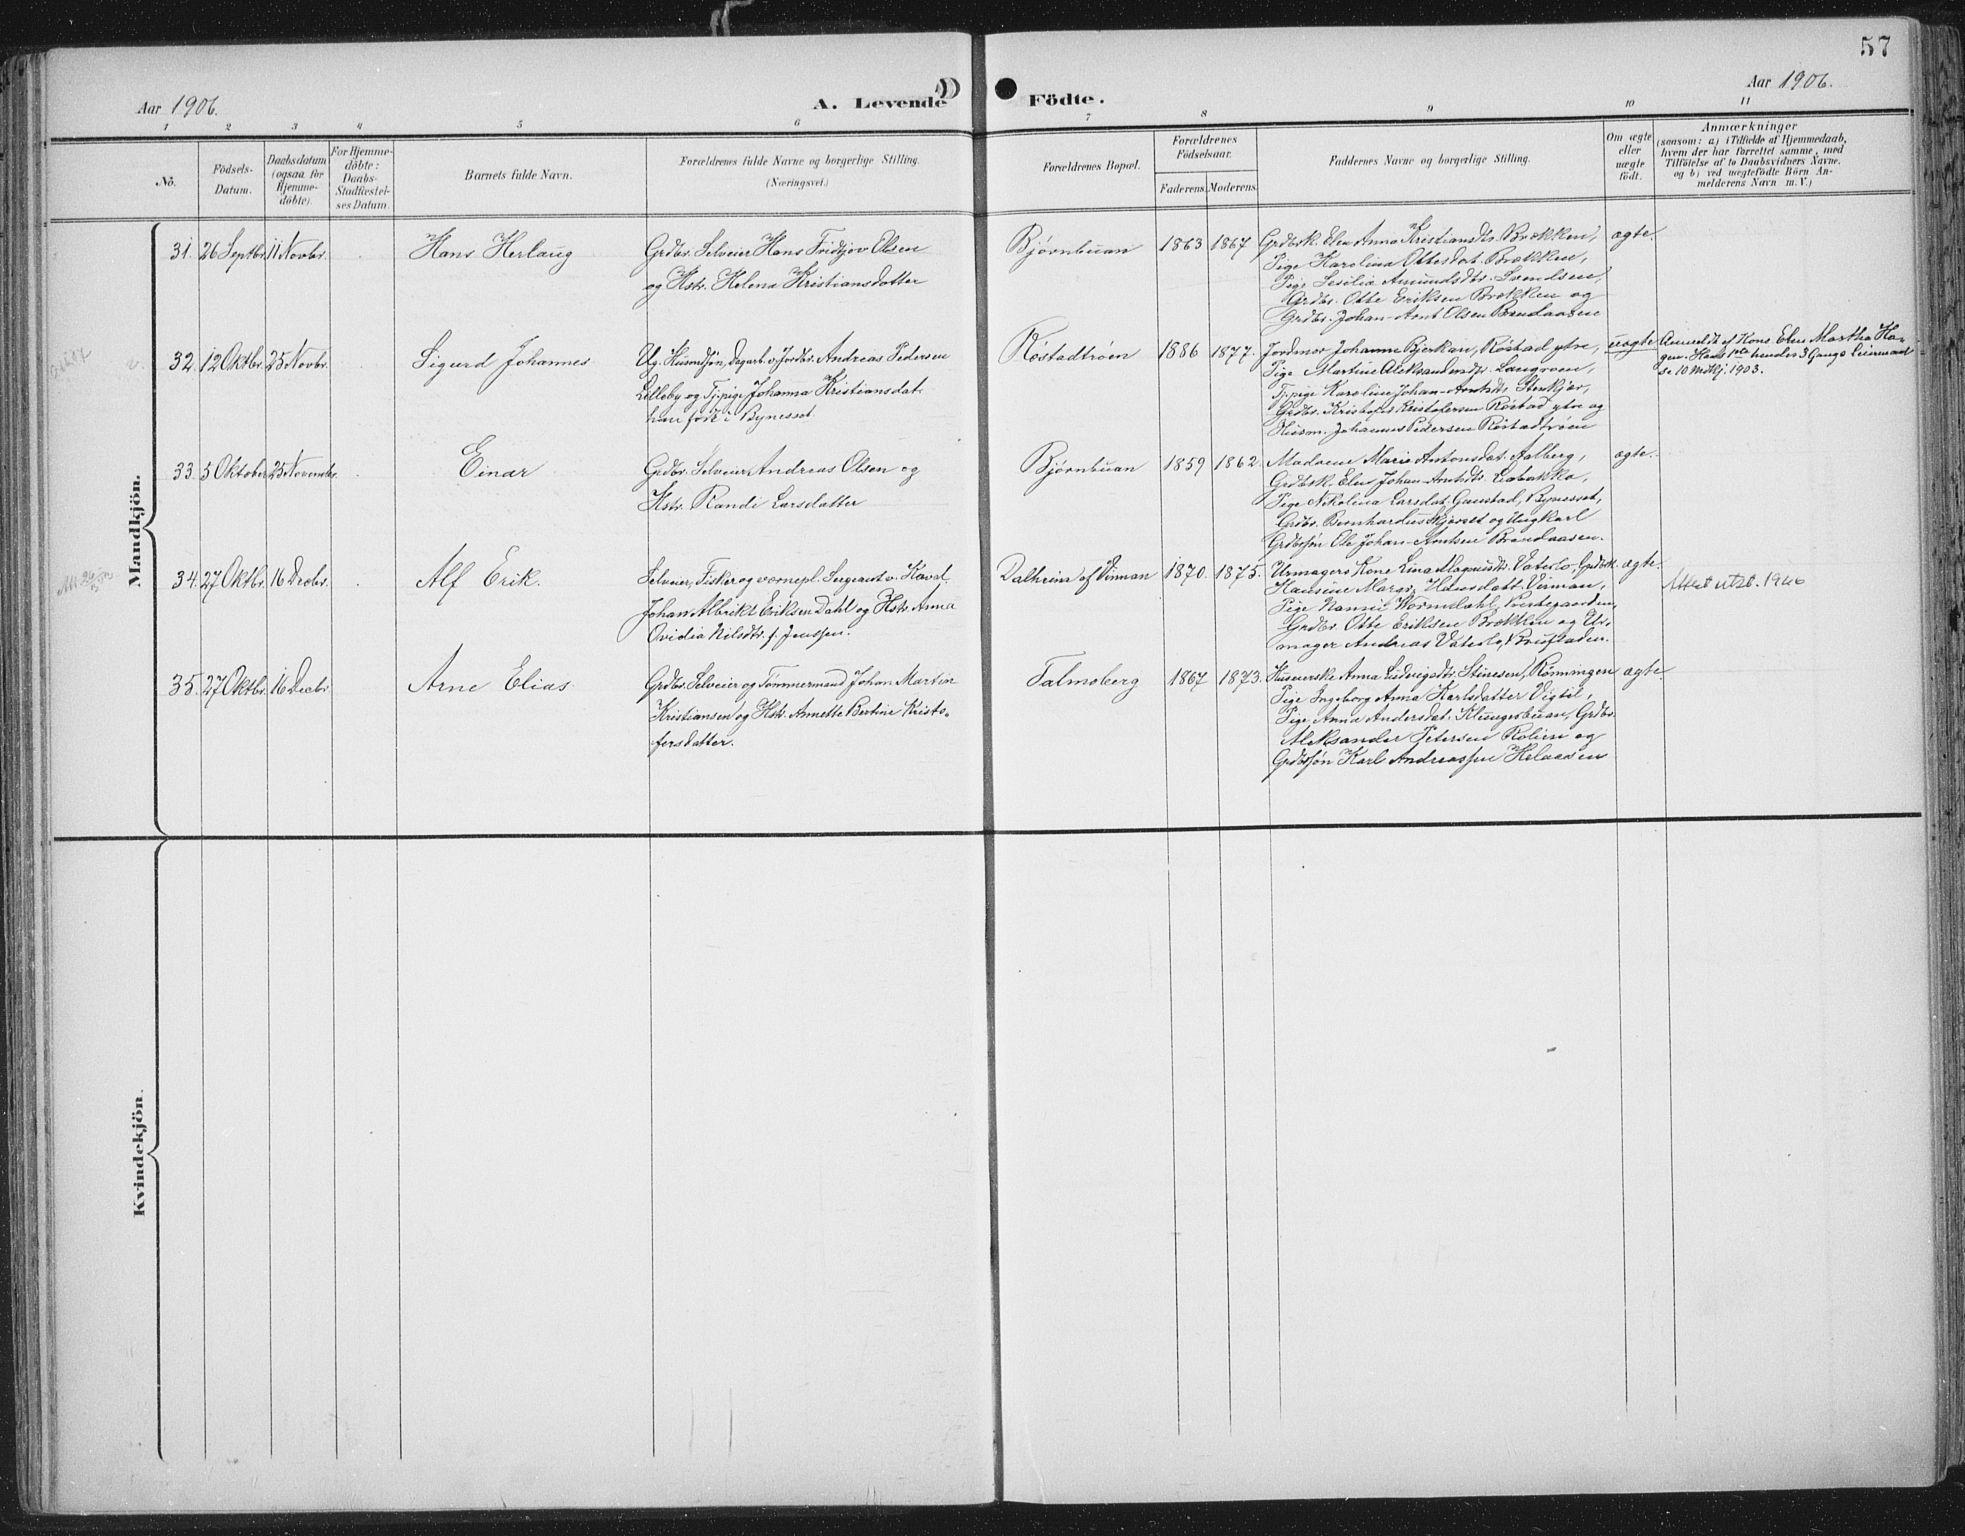 SAT, Ministerialprotokoller, klokkerbøker og fødselsregistre - Nord-Trøndelag, 701/L0011: Ministerialbok nr. 701A11, 1899-1915, s. 57